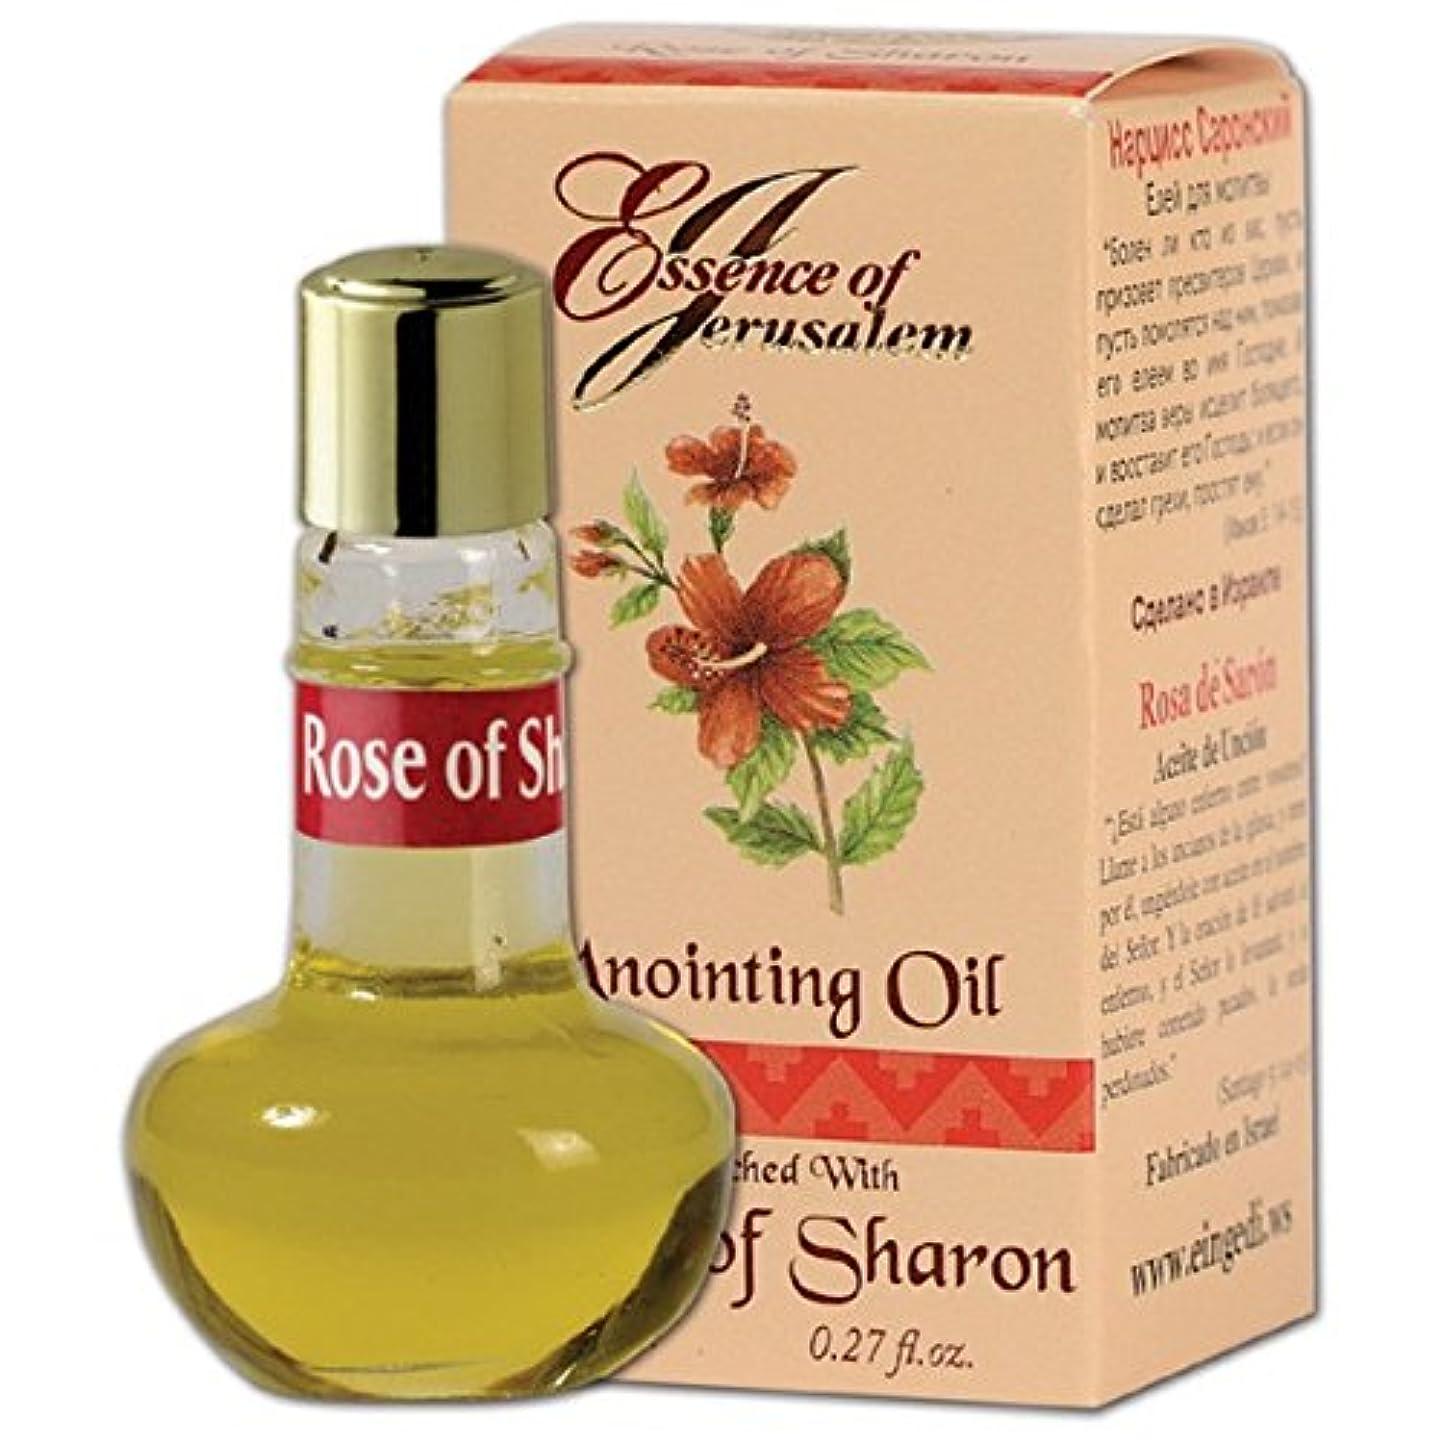 はぁくさび期待してEssence of Jerusalem Anointing Oil Enriched with Biblicalスパイス0.27 FL OZ byベツレヘムギフトTM